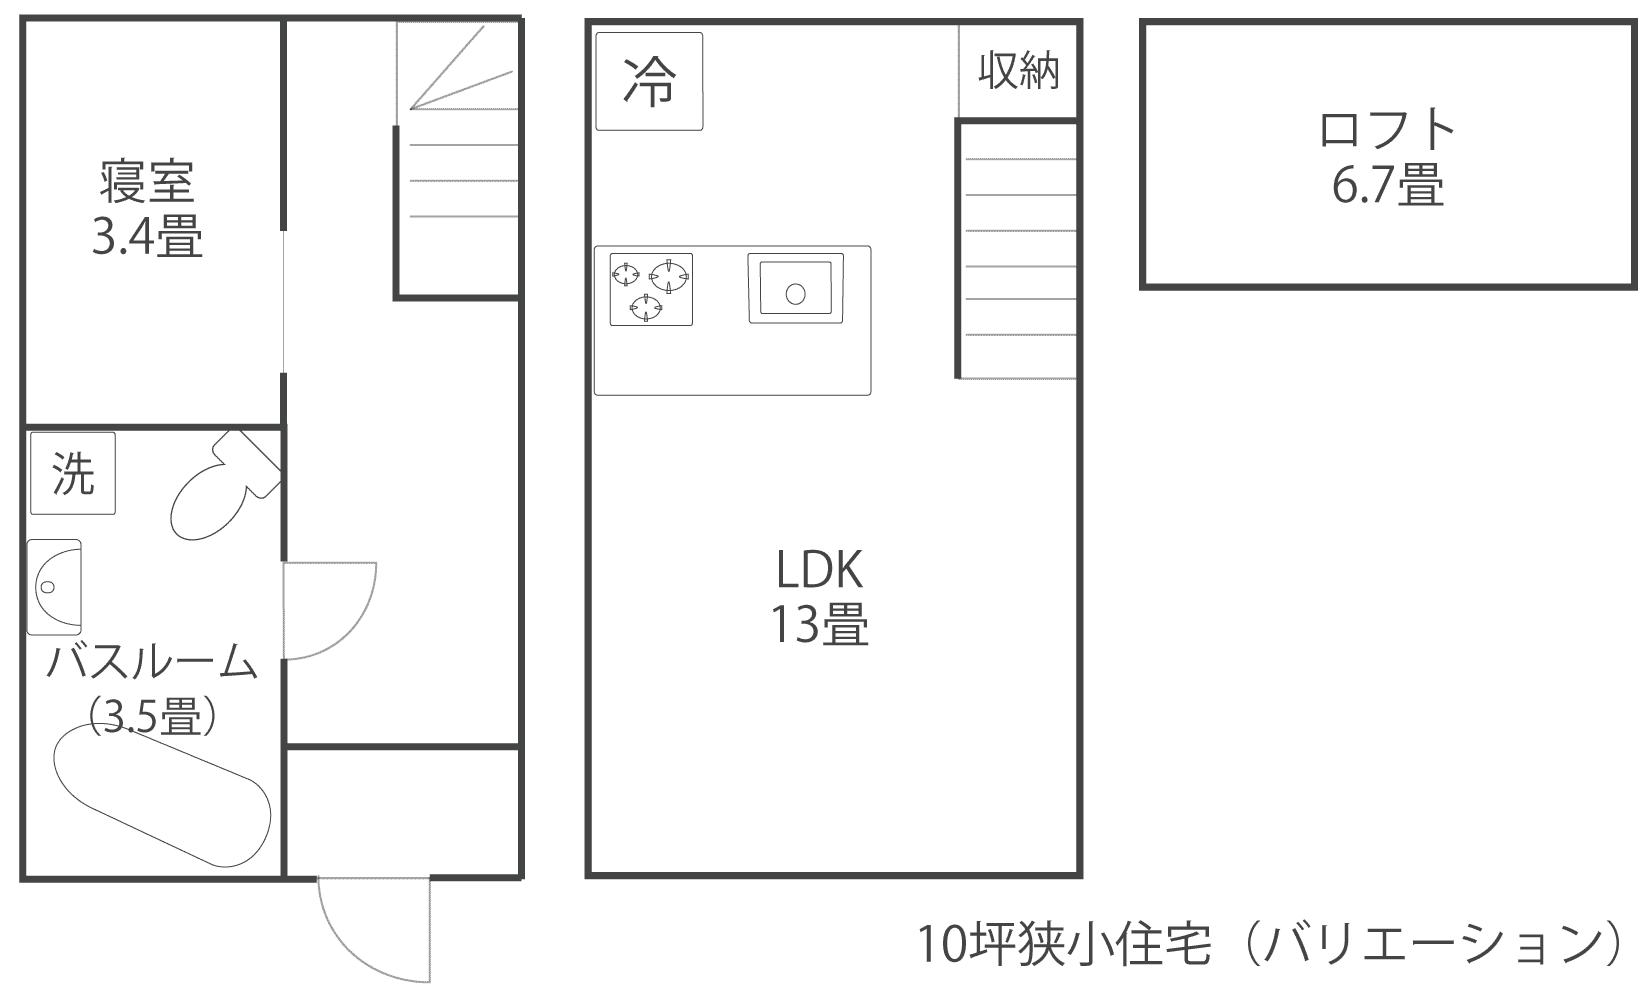 間取り 狭小 住宅